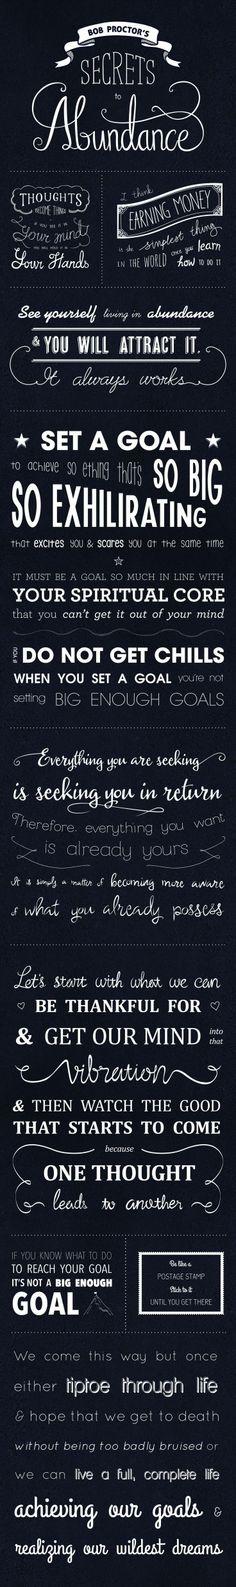 Abundance! #secrets #goals